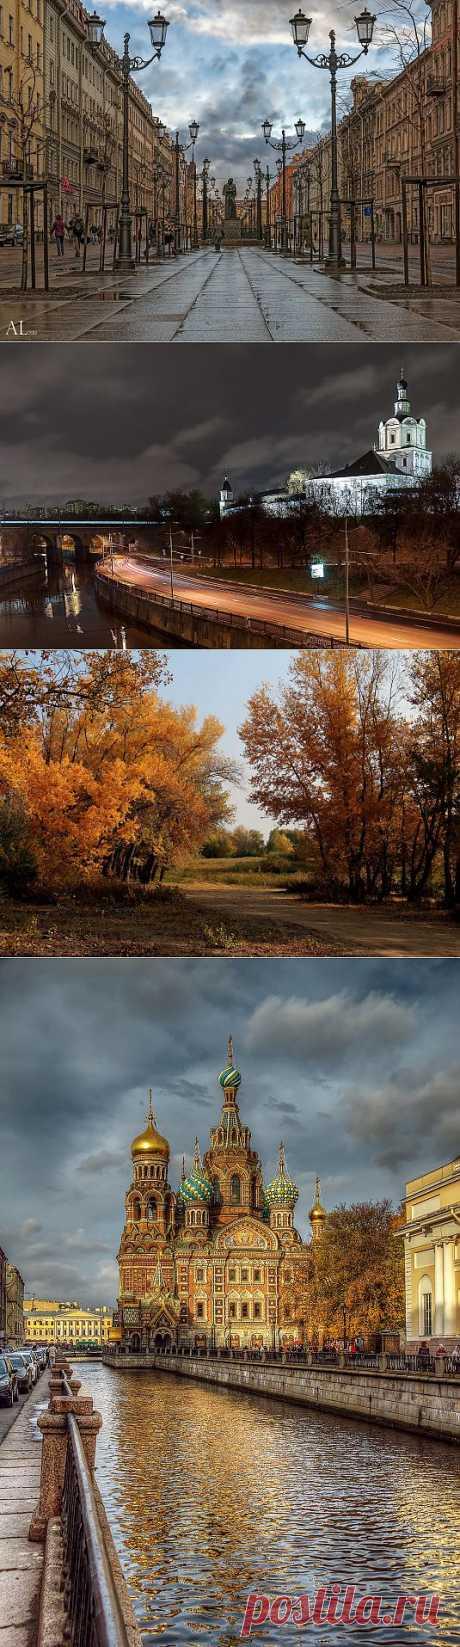 ТОП-20 фотографий за 31.10.2013 г. » ALLDAY - народный сайт о дизайне